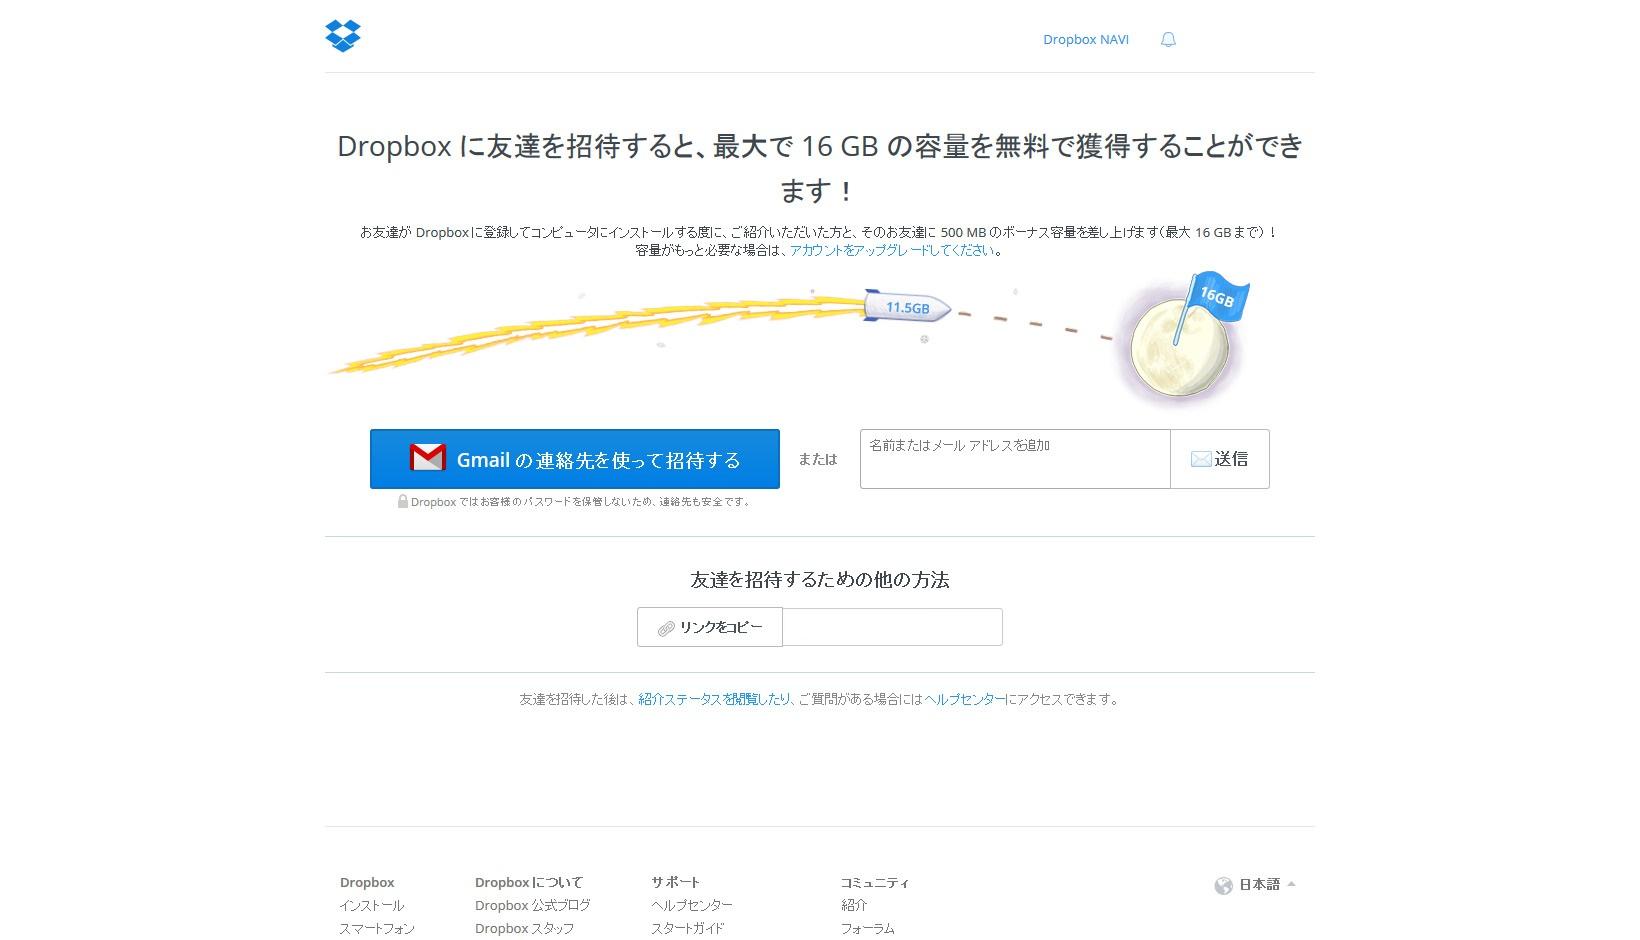 Dropbox 招待 容量